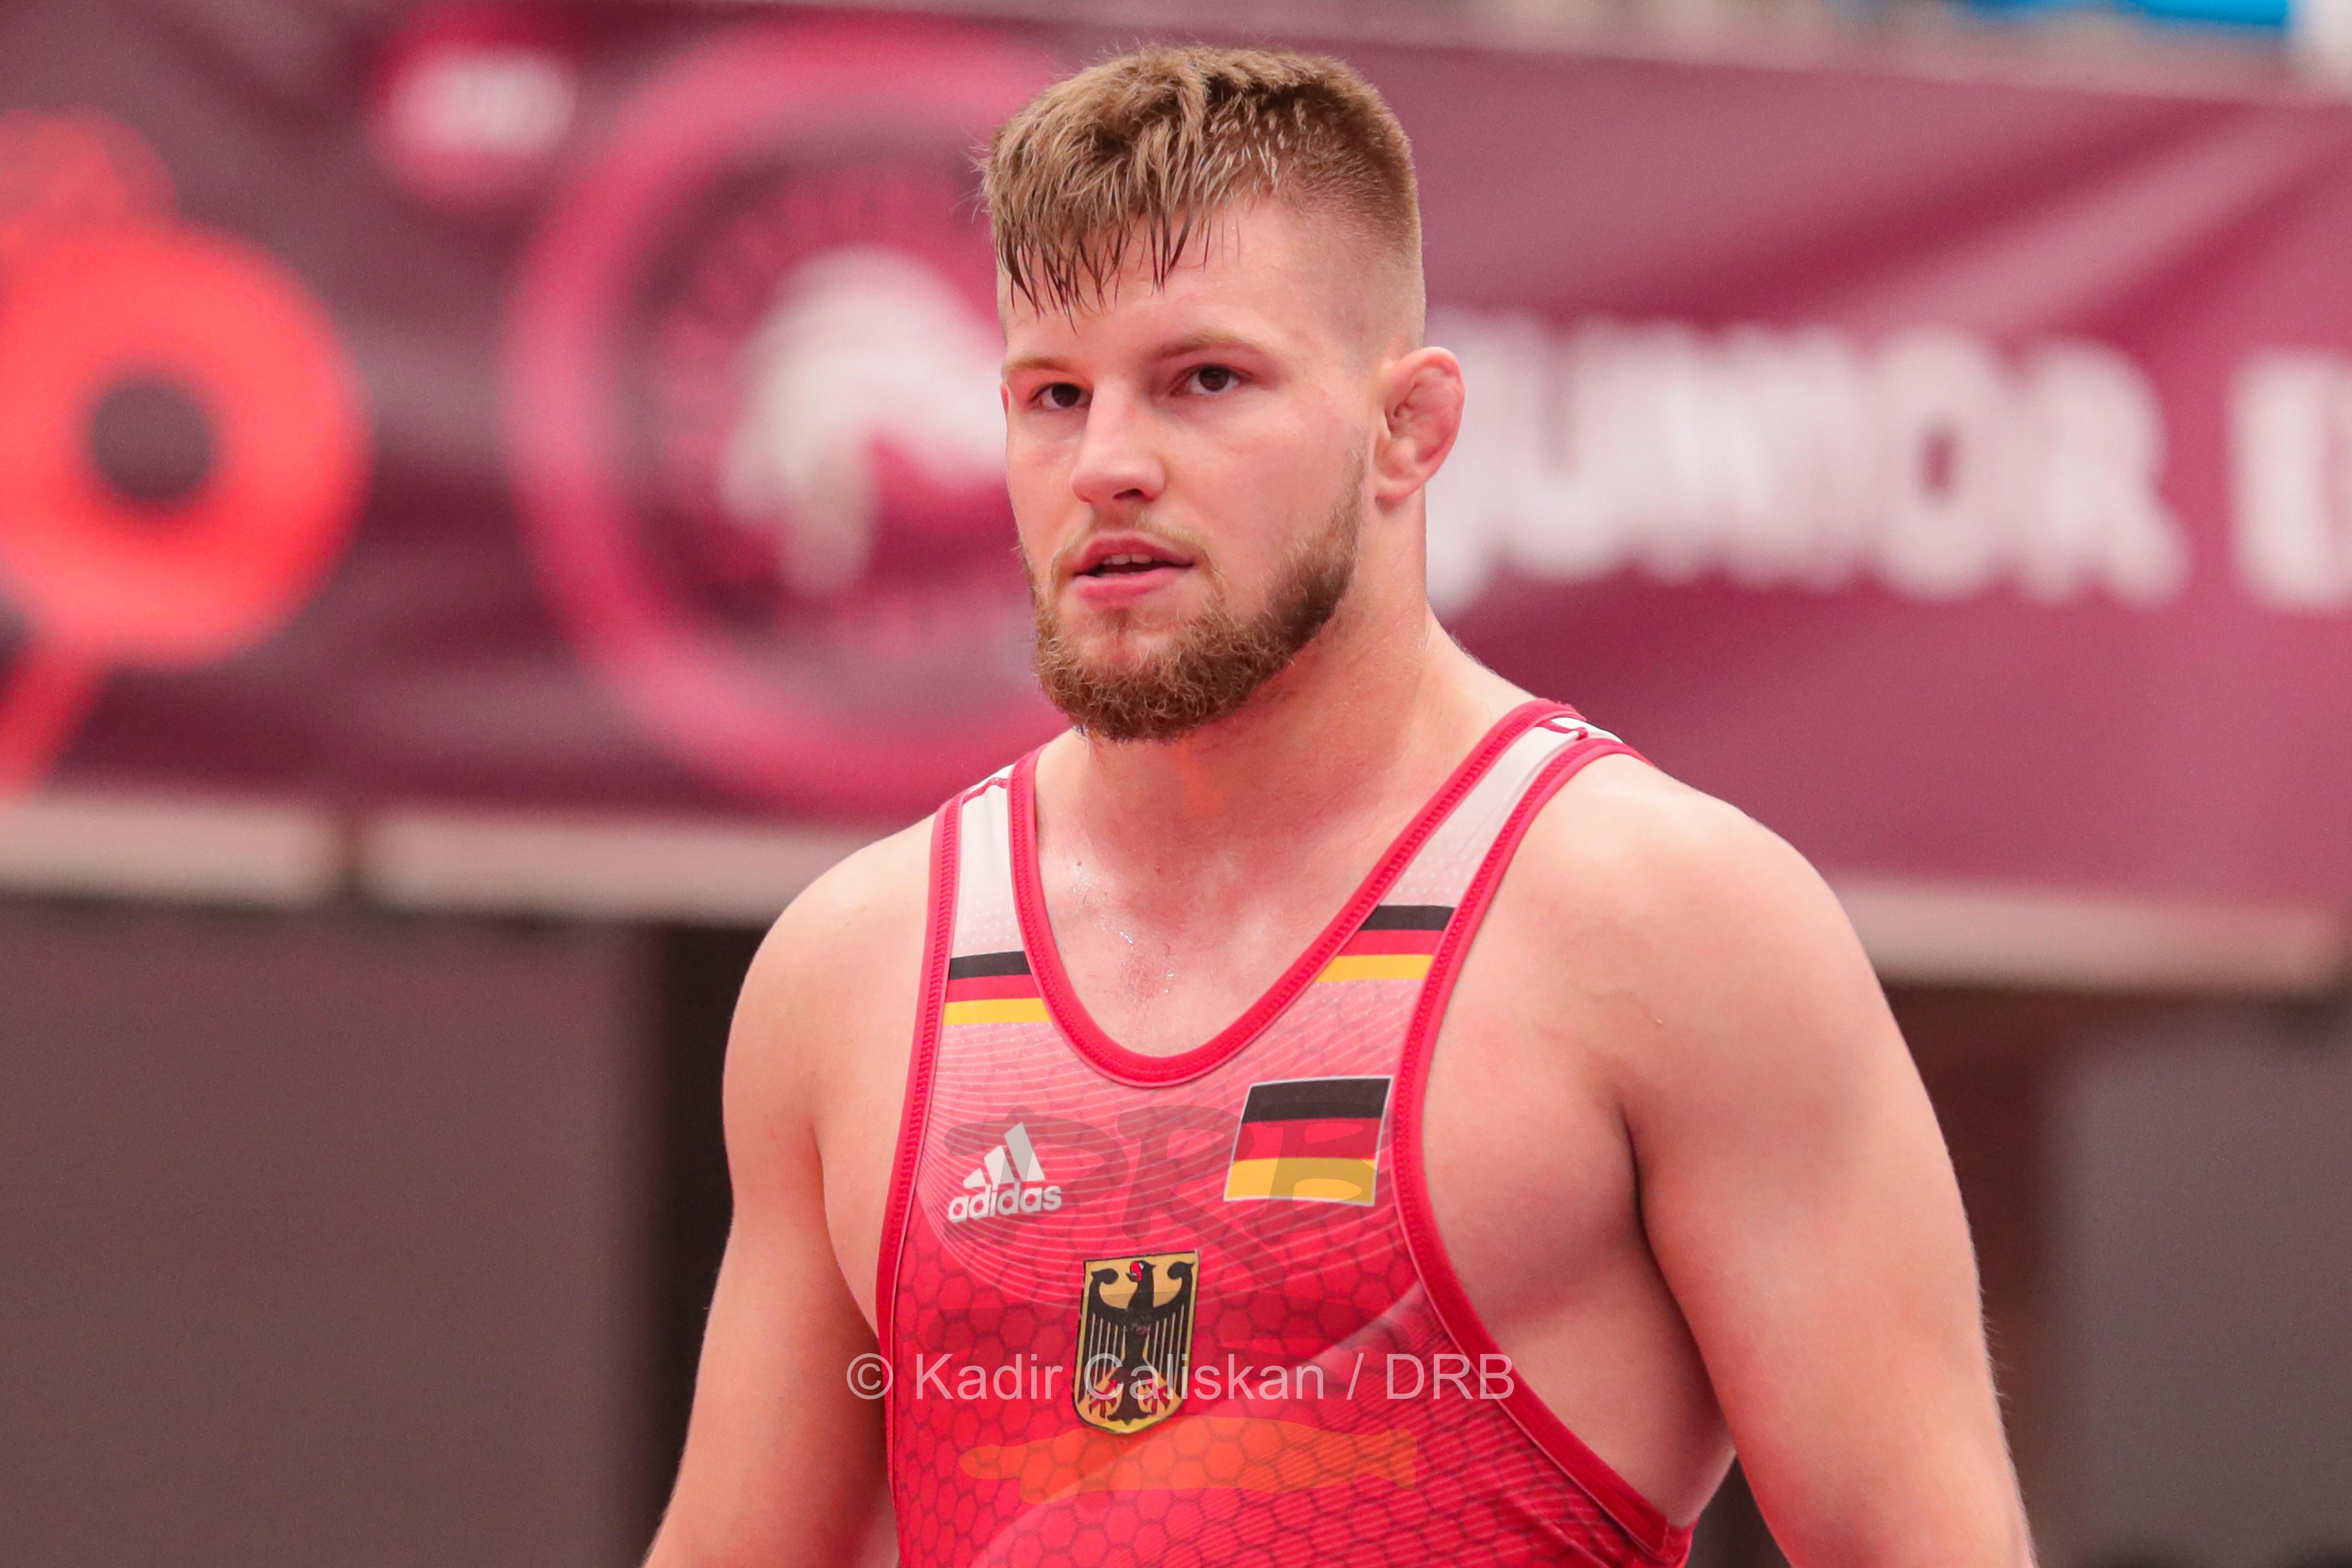 Deutscher Wrestler